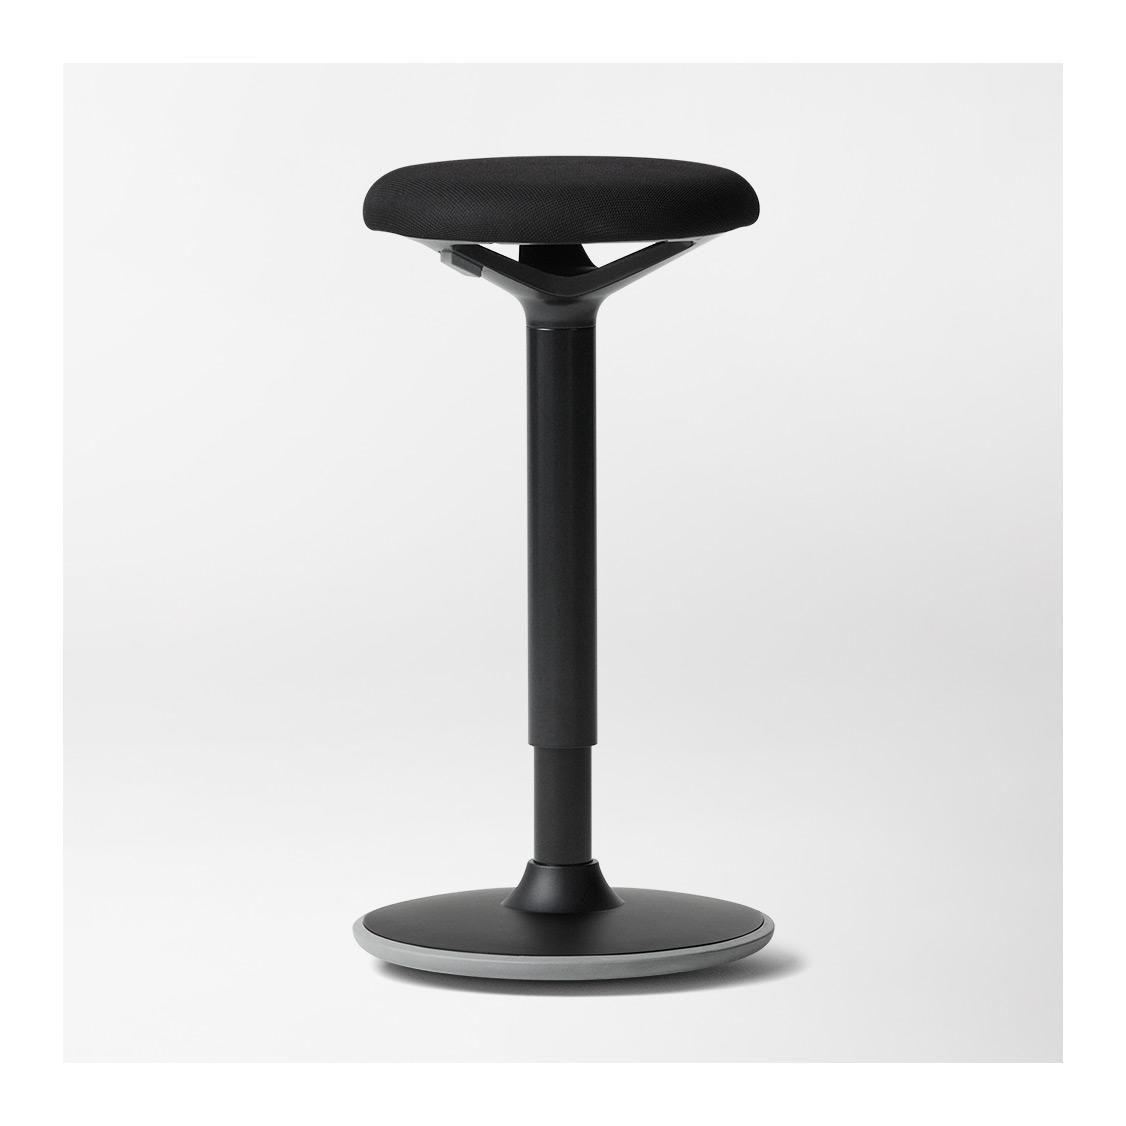 Luna Standing Desk Stool Desk Stool Standing Desk Stool Stool